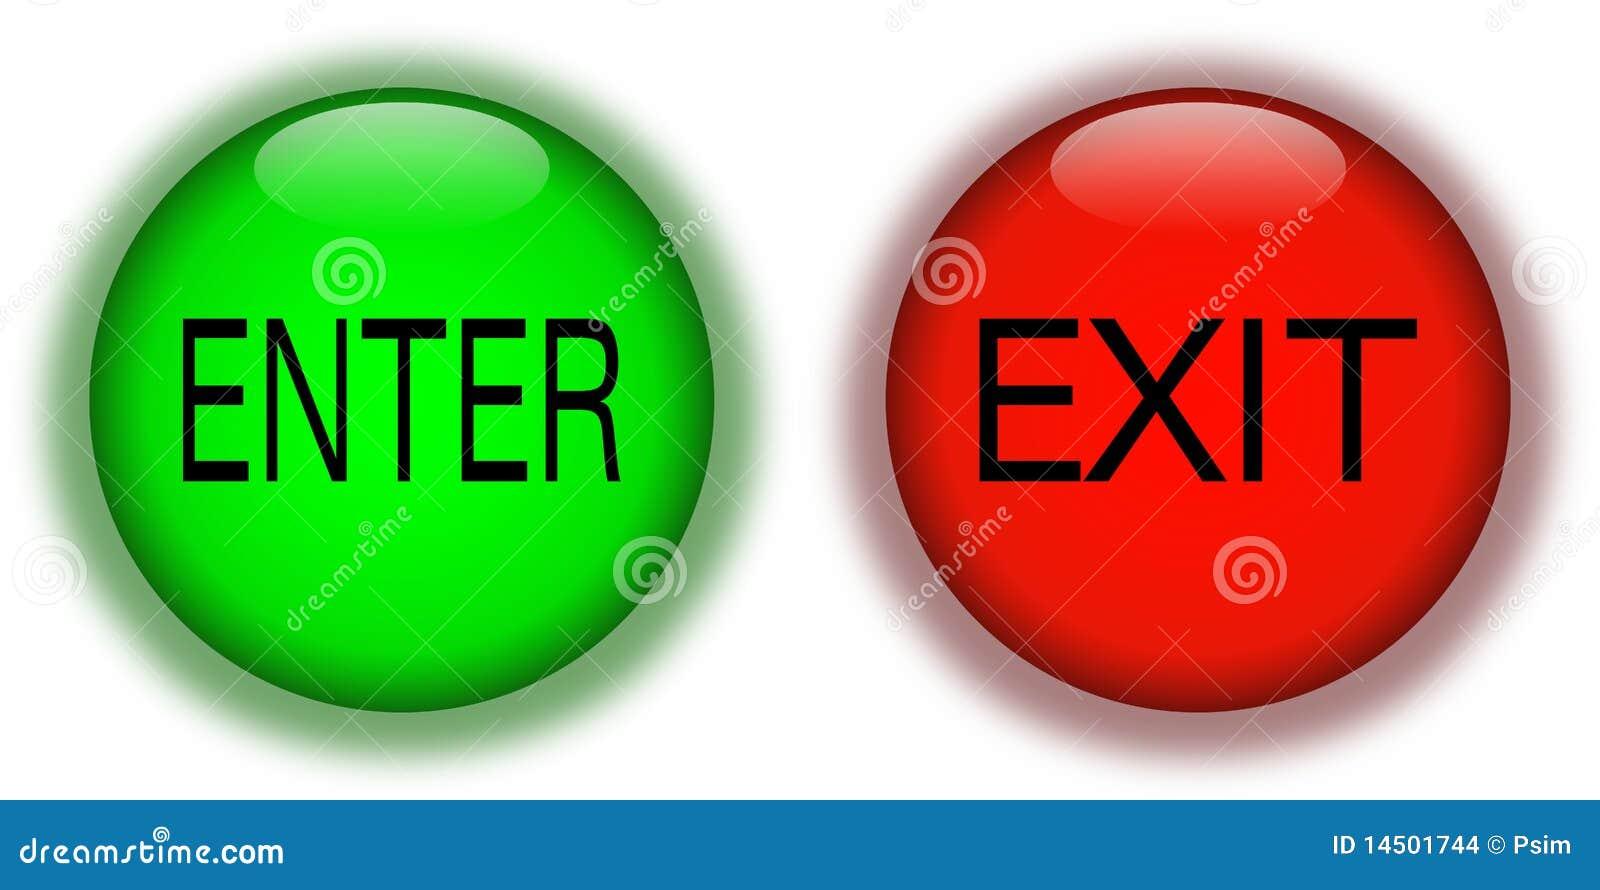 Enter exit buttons